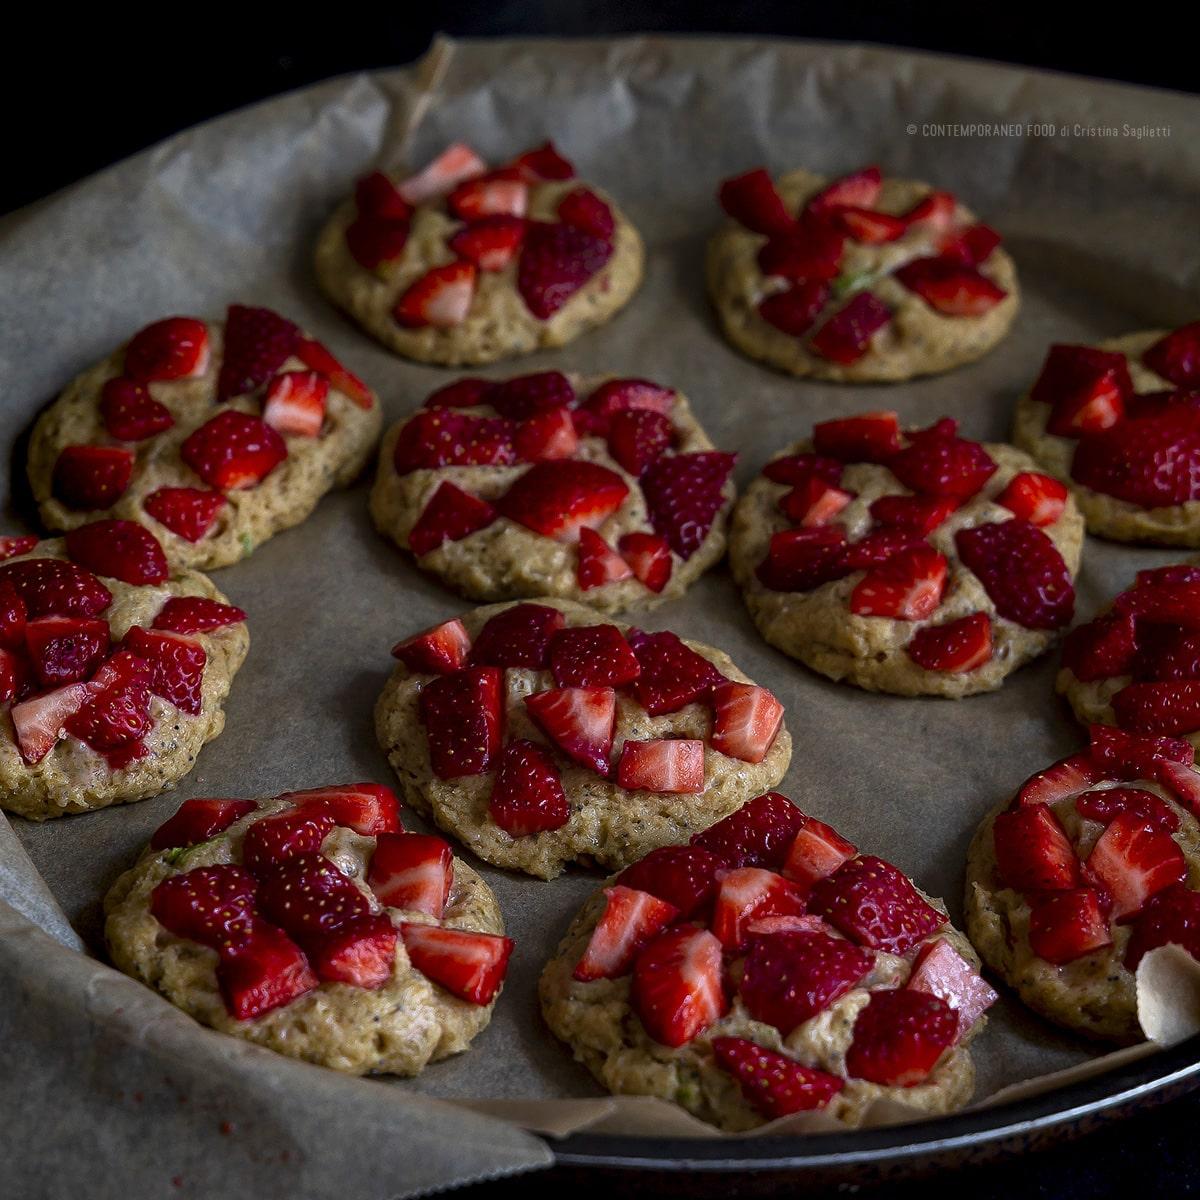 biscotti-morbidi-alle-fragole-e-semi-di-papavero-ricetta-facile-veloce-contemporaneo-food